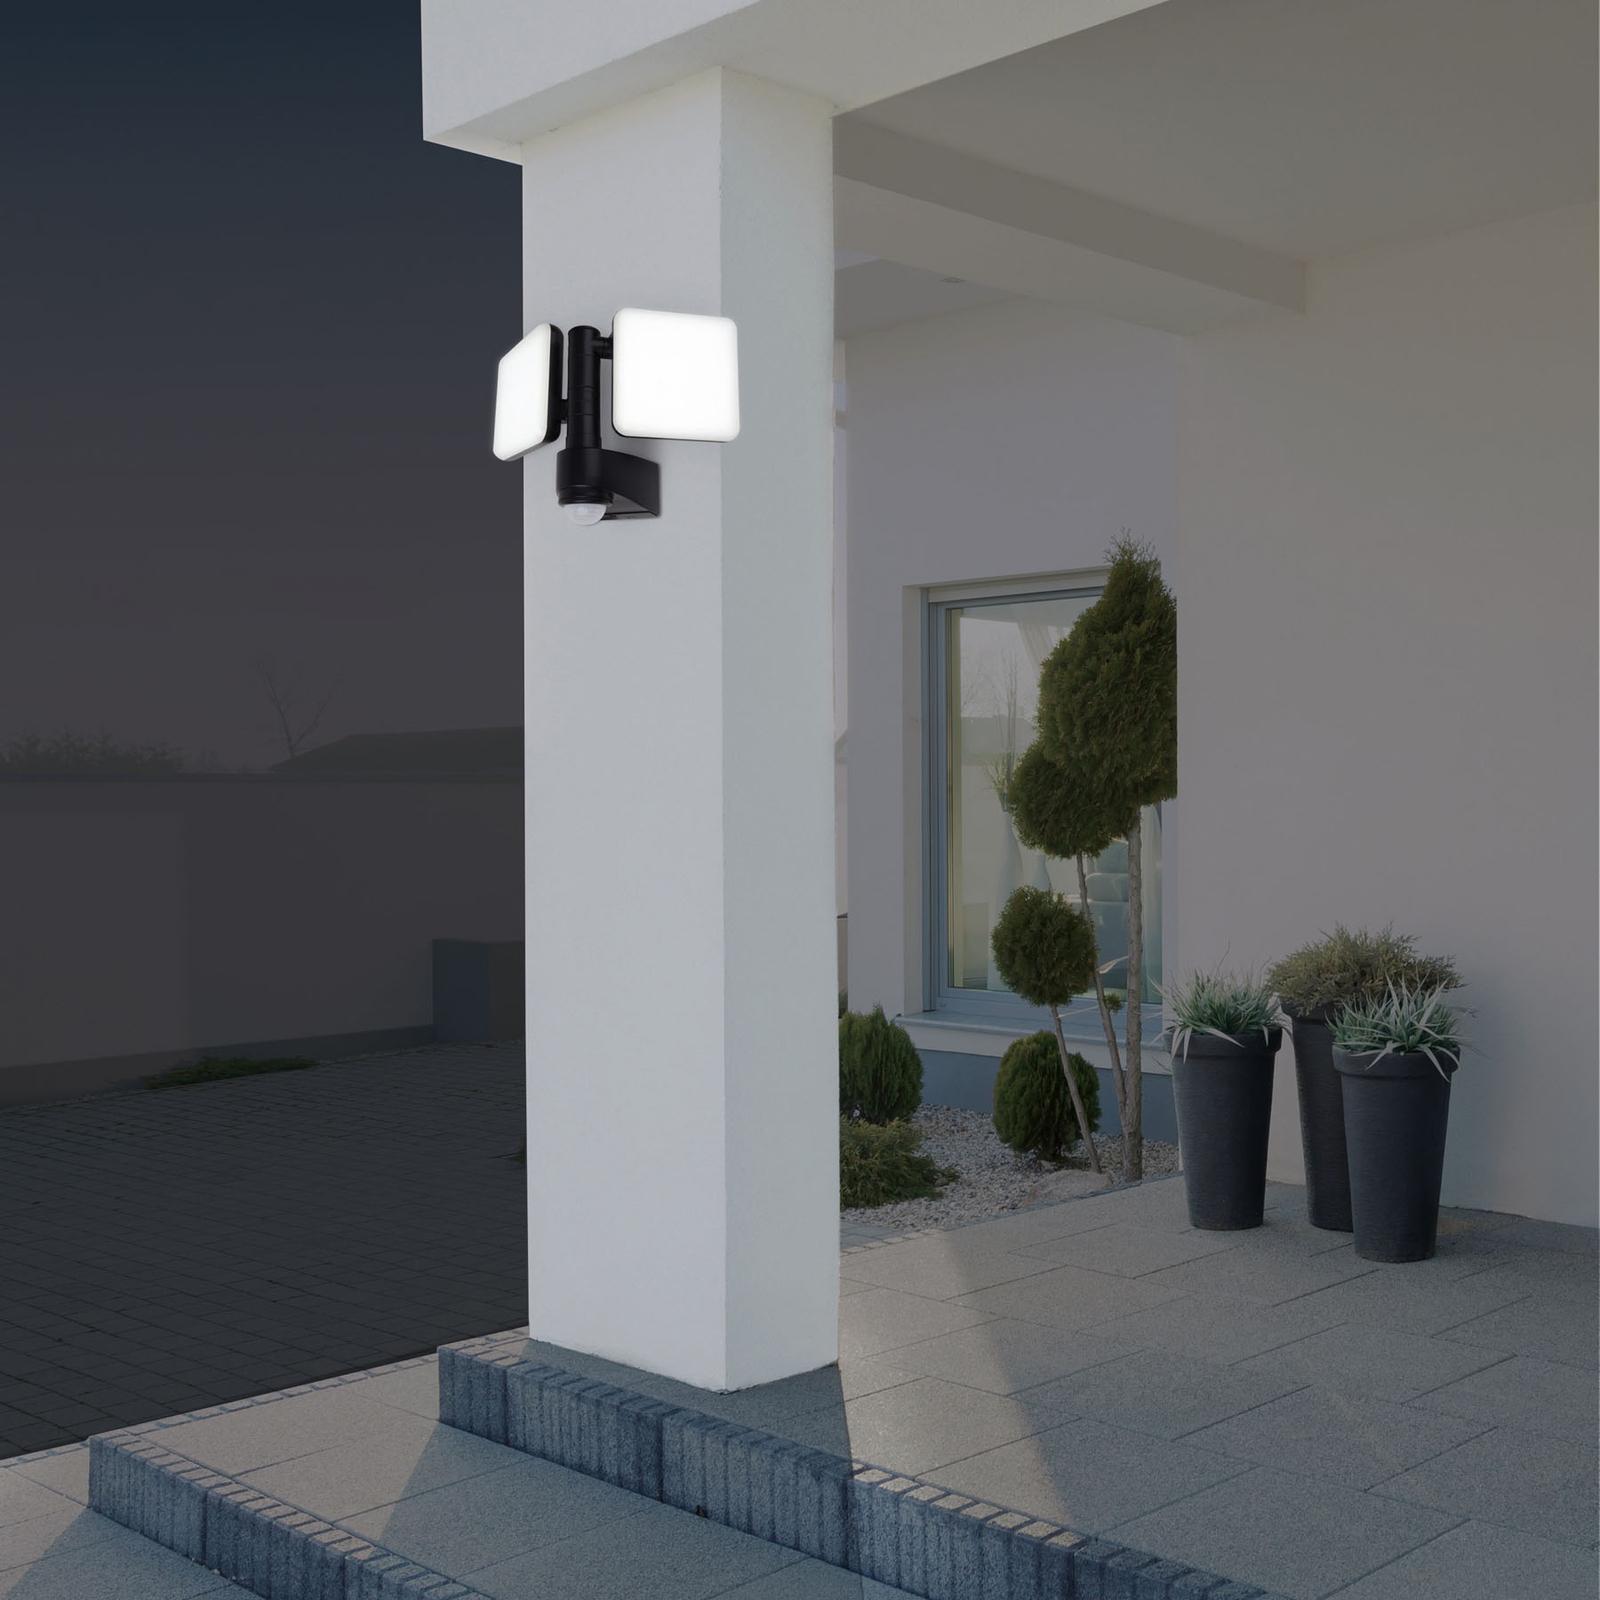 LED-ulkoseinälamppu Jaro, tunnistin, 2 lamppua